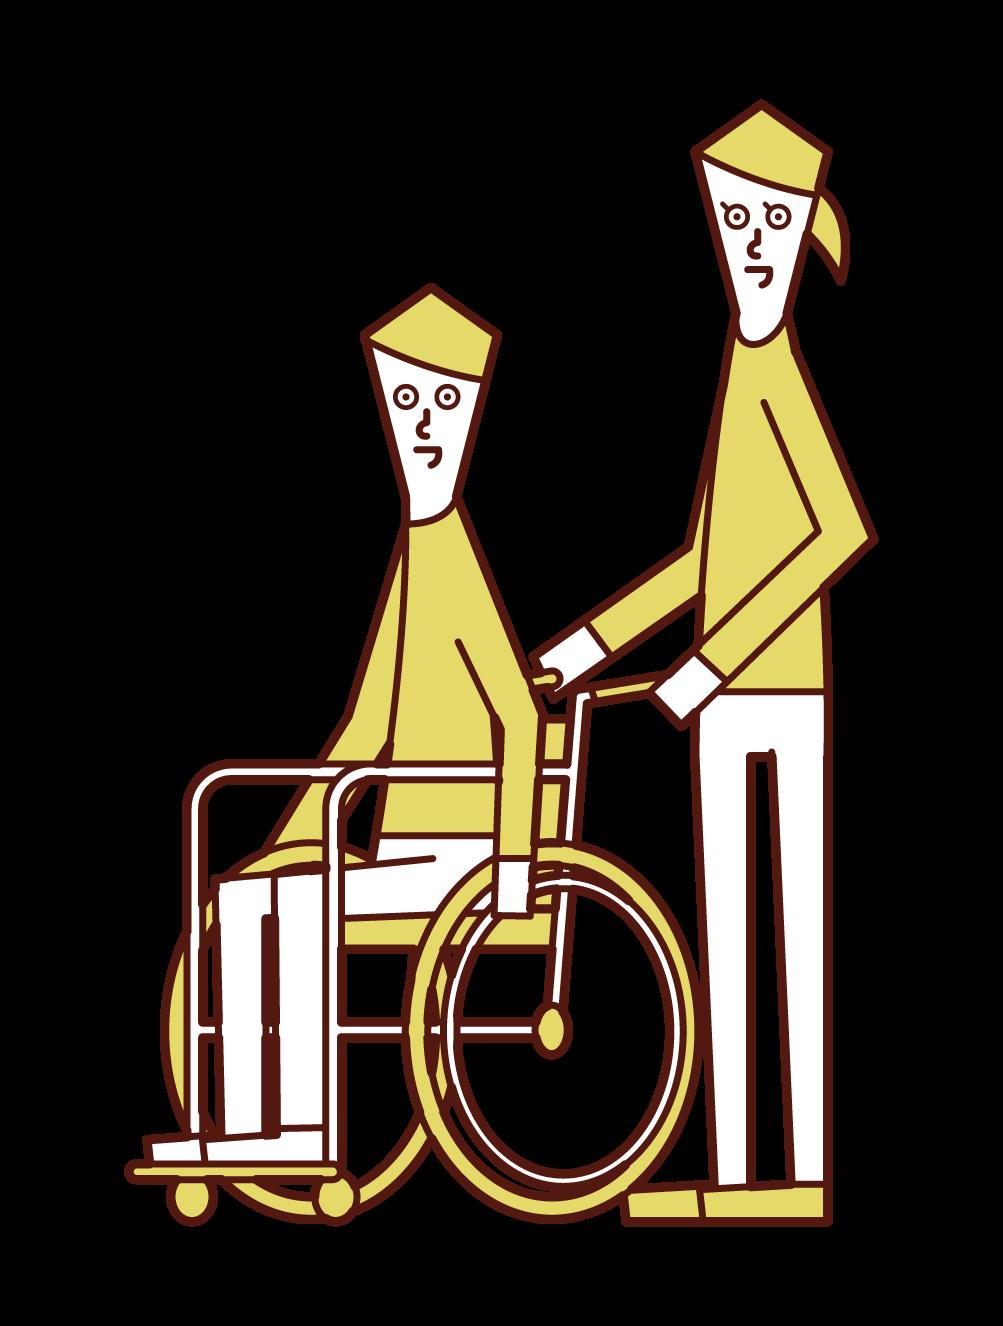 車椅子に乗る人(男性)と押す人(女性)のイラスト